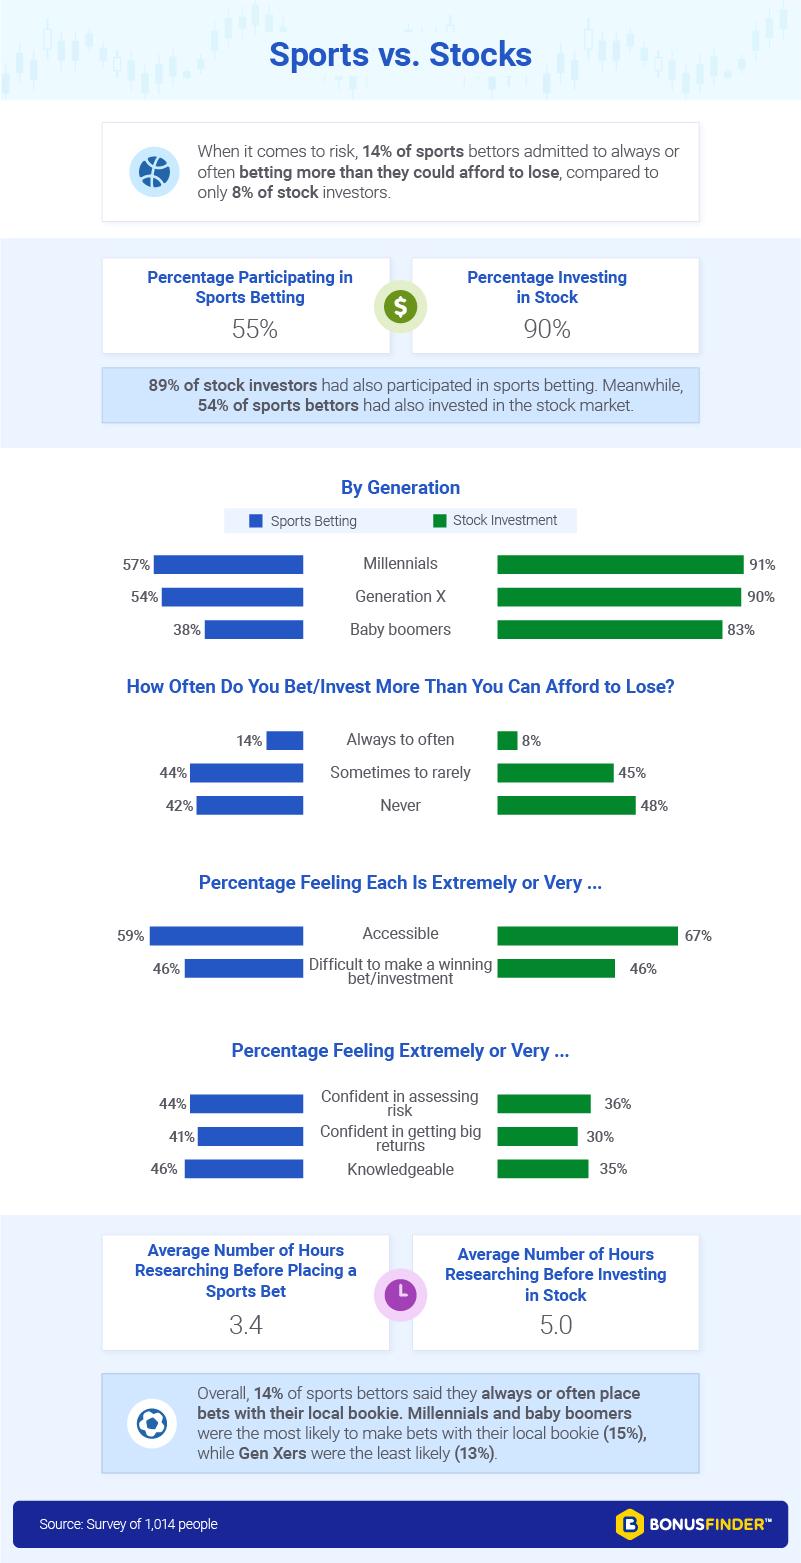 Sports vs Stocks Compared